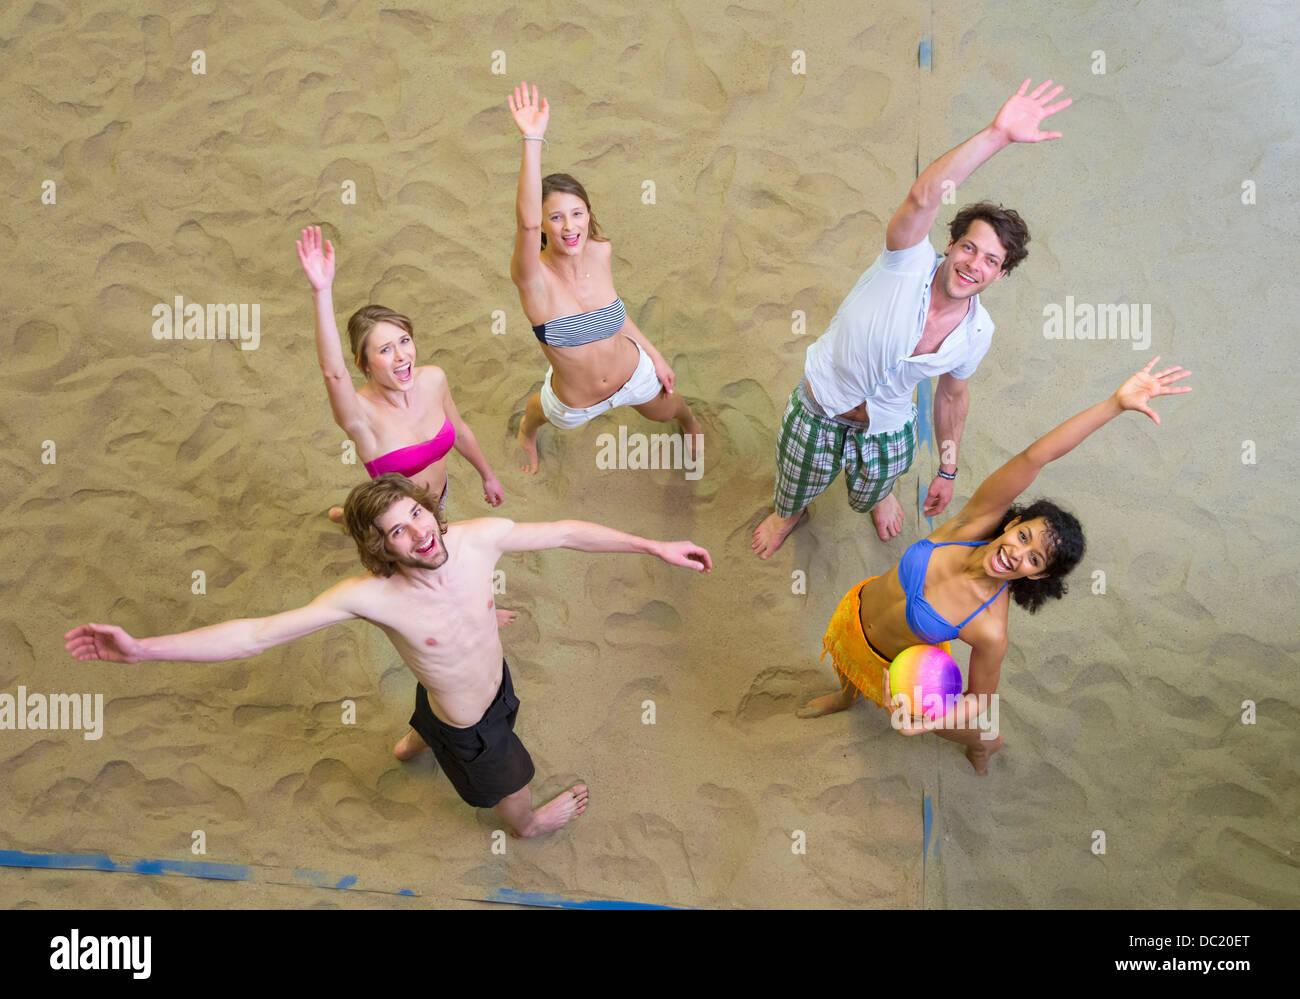 Vista aerea di amici sventolando in piscina beach volley Immagini Stock